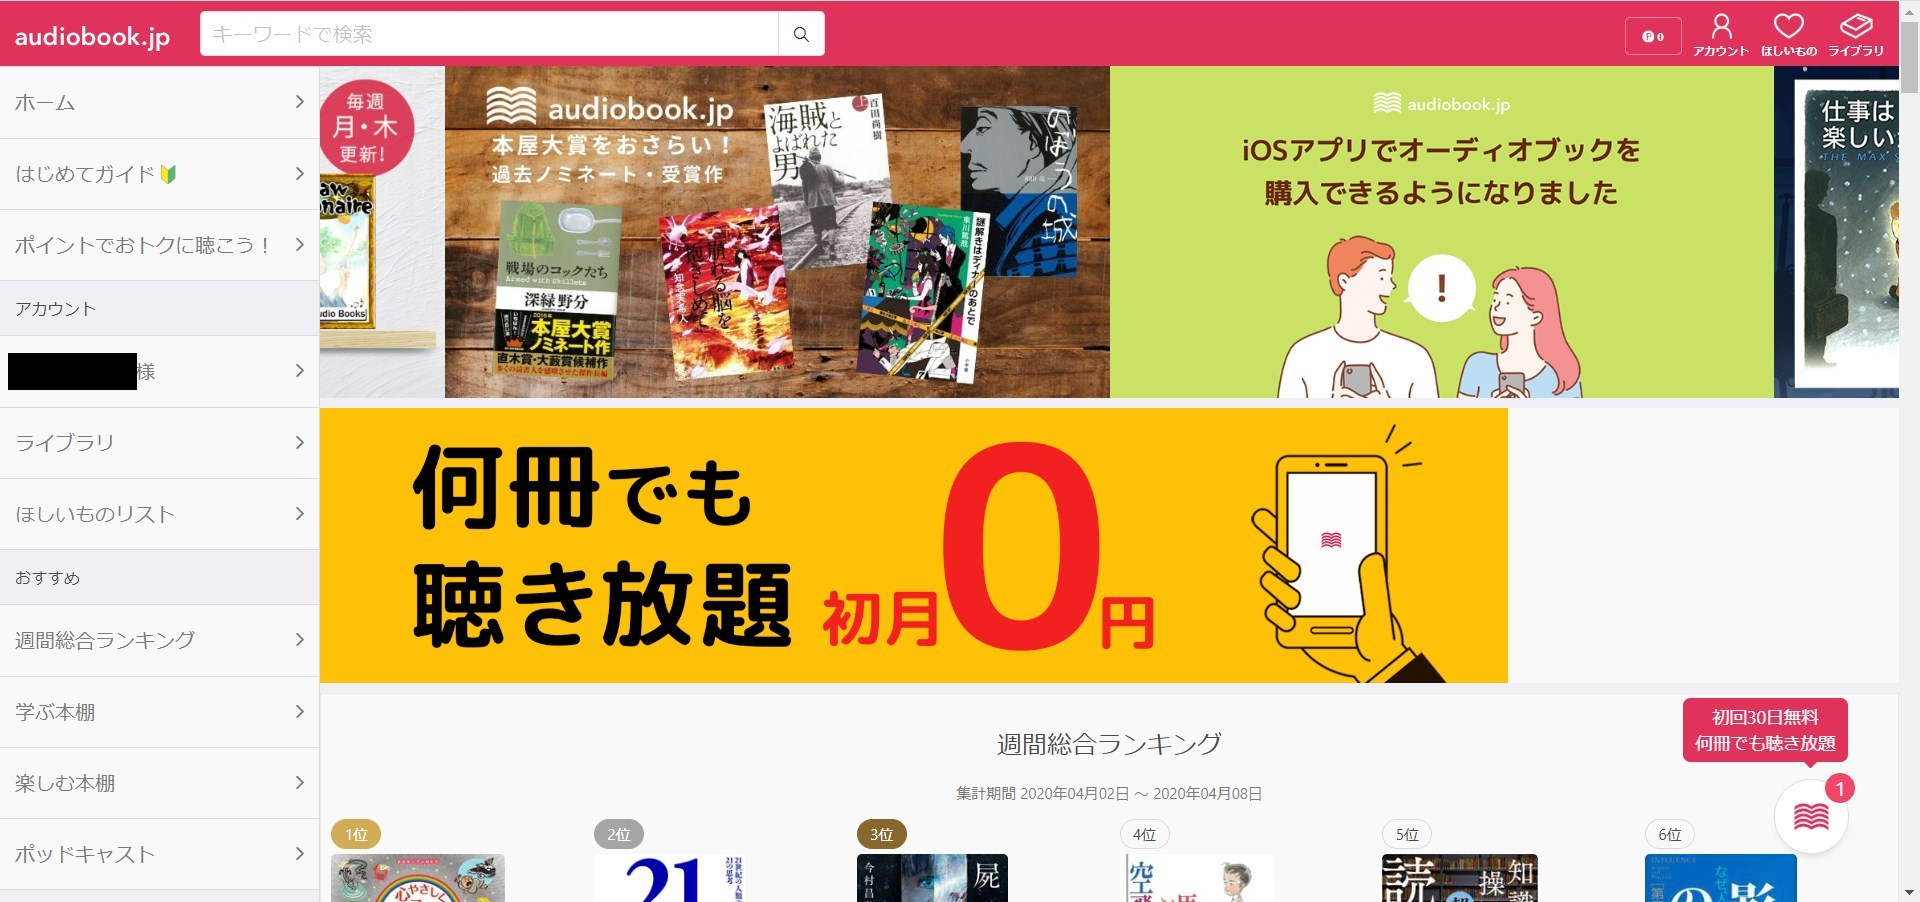 audiobook.jpPCサイト